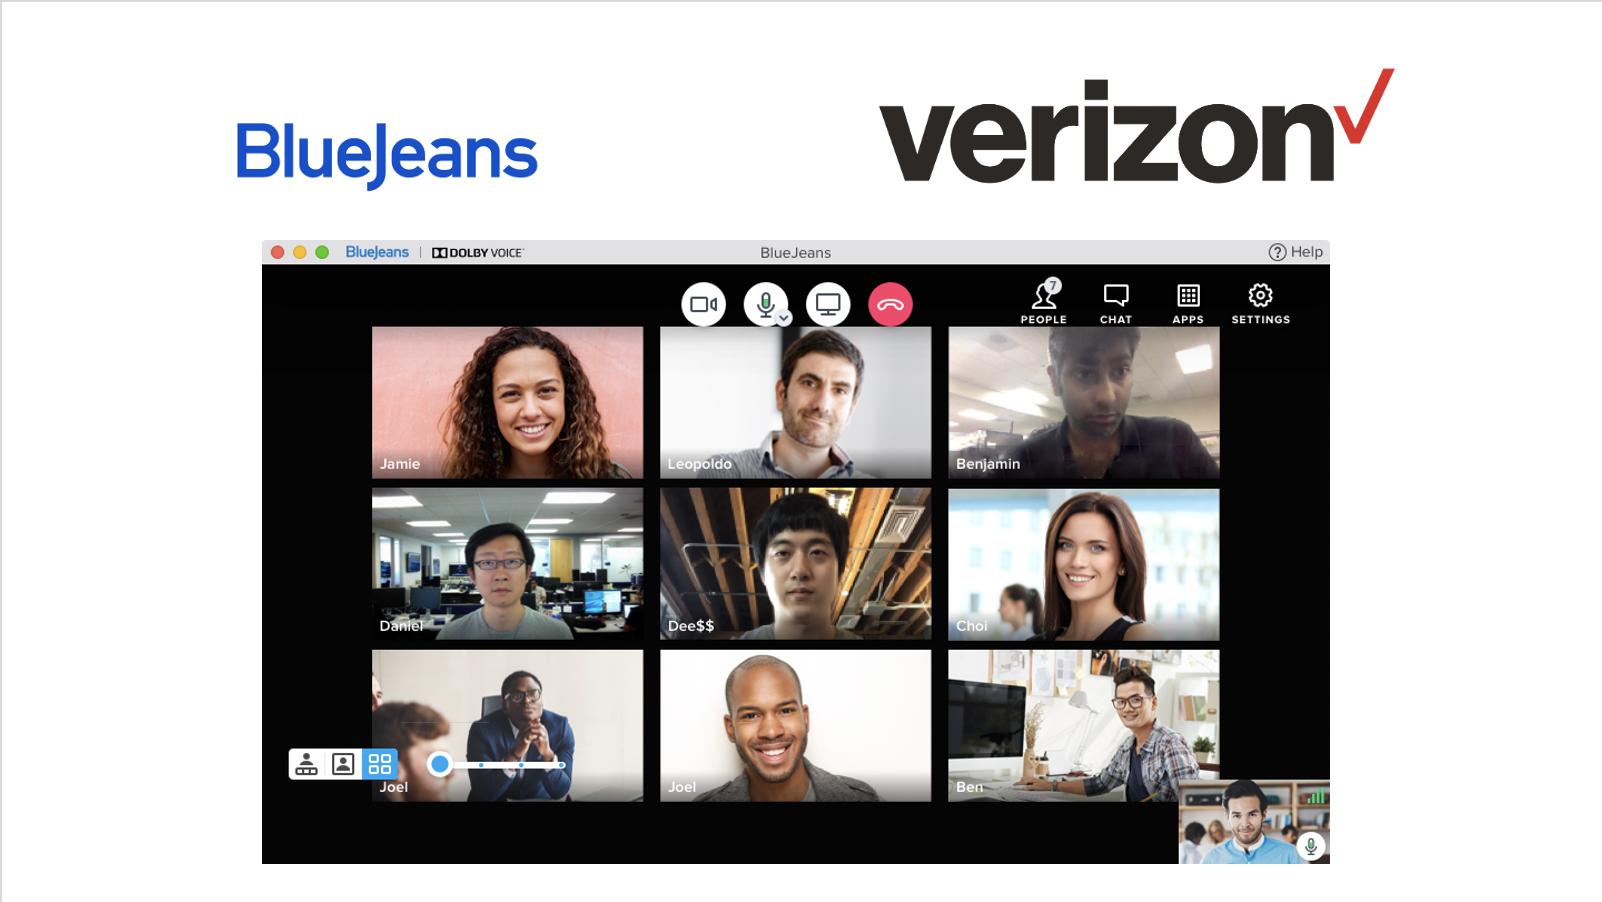 버라이즌, 화상회의 플랫폼 블루진 인수…네트워크 및 5G와 결합한 시너지 기대